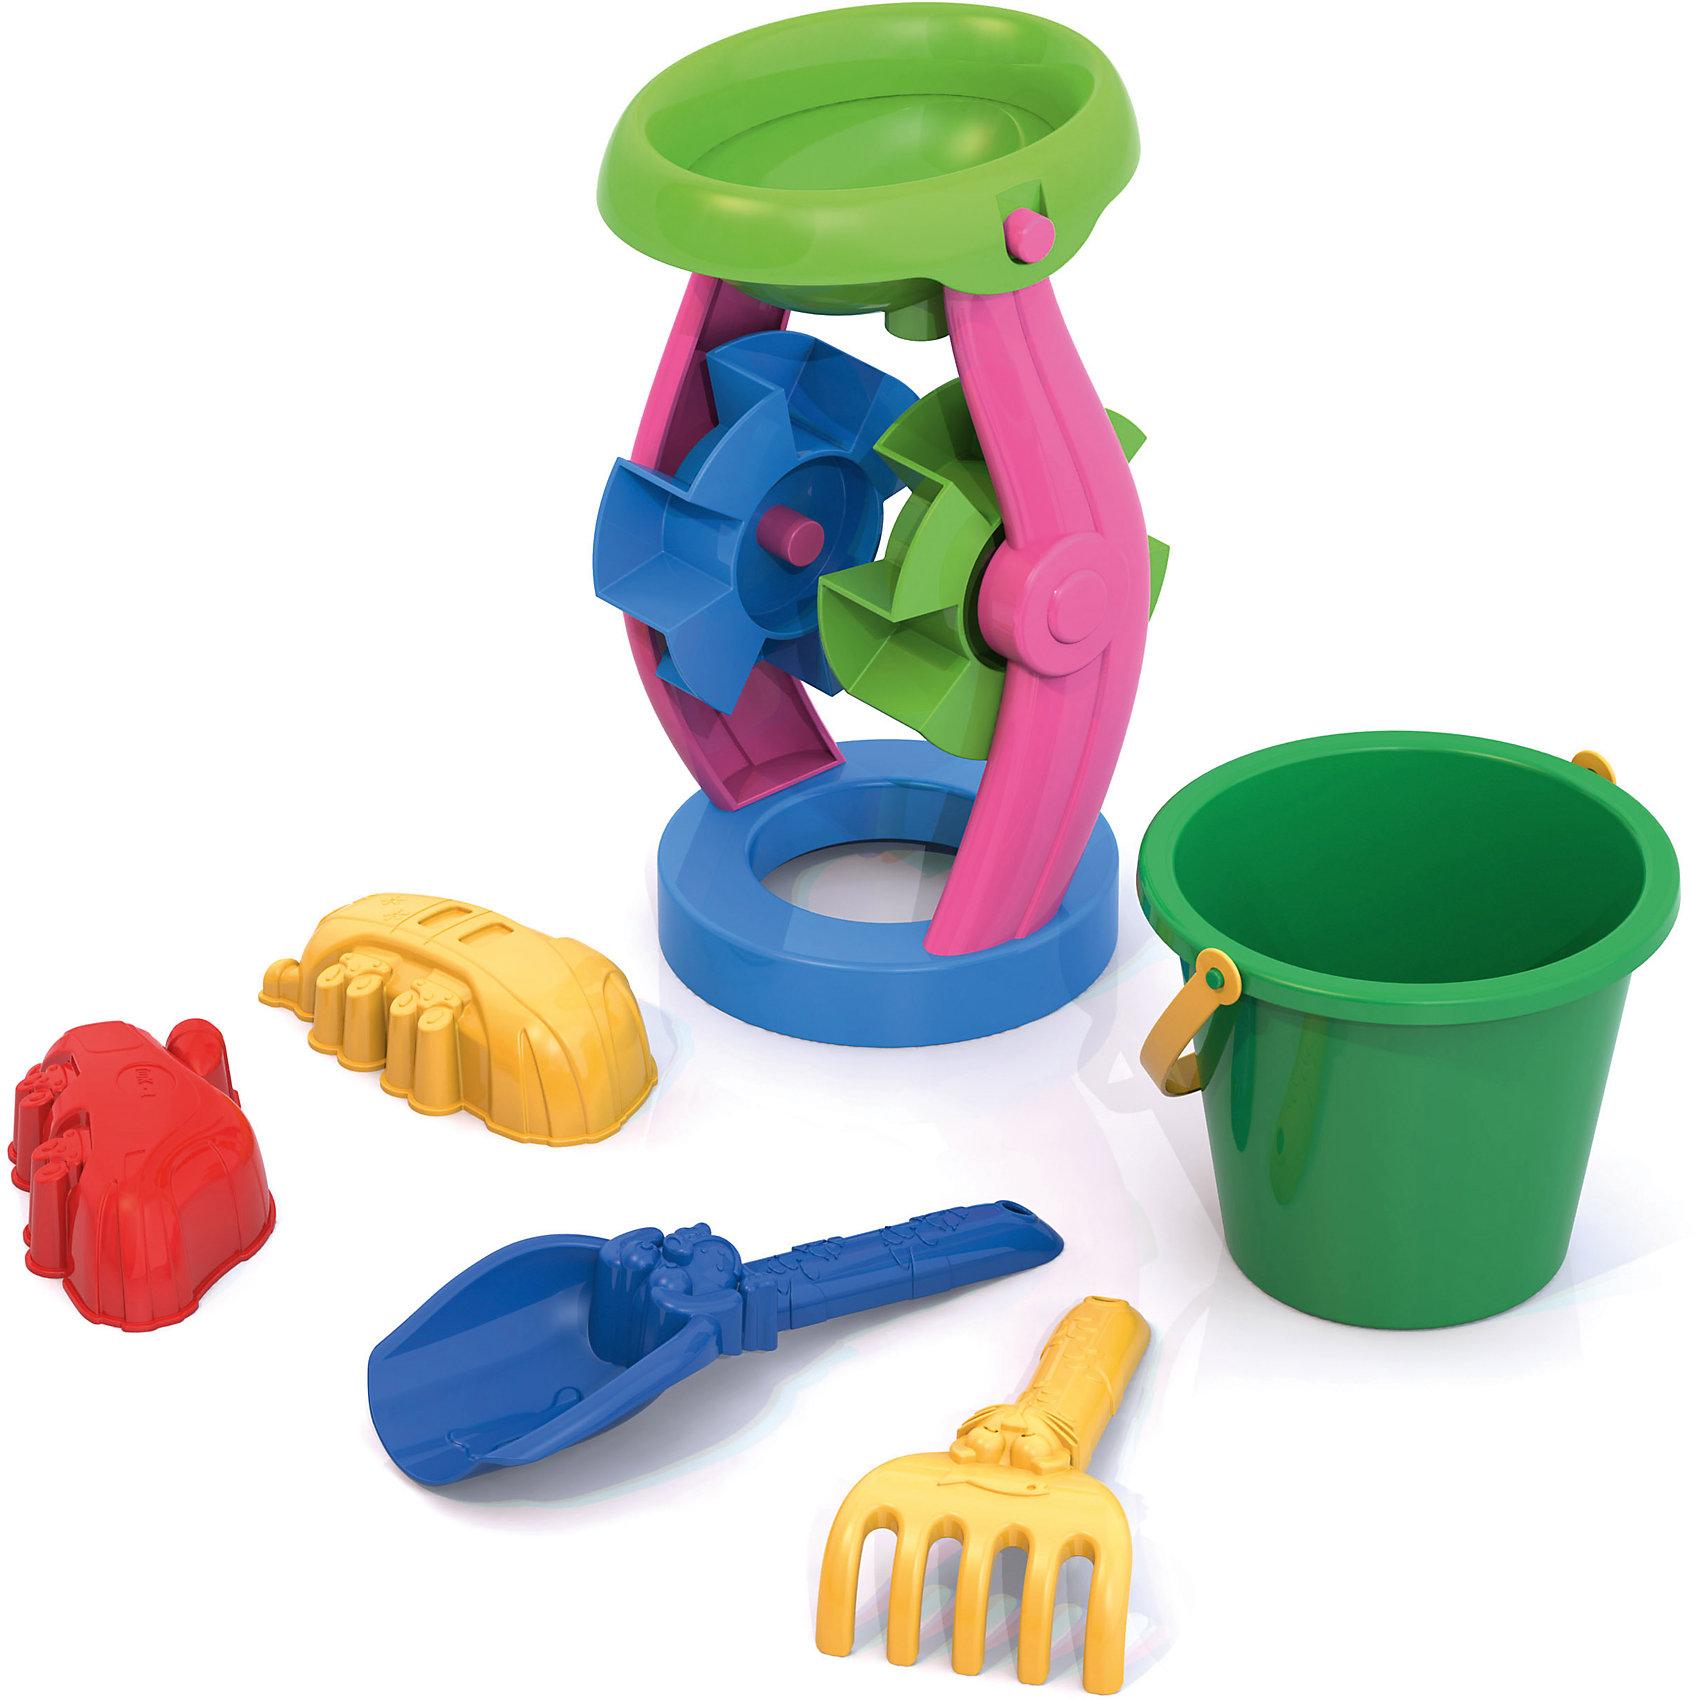 Набор для песочницы №5, НордпластНабор для песочницы №5, Нордпласт - это радость и забава для летних развлечений вашего малыша.<br>Набор для песка привлечет внимание каждого ребенка, ведь с яркими игрушками проводить время в песочнице или на пляже станет гораздо интереснее. В этот набор входят мельница, ведро, лопатка, грабли, 2 формочки. Лопаткой малышу будет легко собирать песок, а если насыпать песок в мельницу ее лопасти начнут крутиться. Набор для песка от компании Нордпласт сделан из качественной прочной пластмассы, поэтому не выцветает на солнце и не трескается.<br><br>Дополнительная информация:<br><br>- В наборе: мельница, ведро, лопатка, грабли, 2 формочки<br>- Материал: пластмасса<br>- Размер упаковки: 30 х 15 х 13 см.<br>- Вес: 200 гр.<br><br>Набор для песочницы №5, Нордпласт можно купить в нашем интернет-магазине.<br><br>Ширина мм: 300<br>Глубина мм: 150<br>Высота мм: 130<br>Вес г: 200<br>Возраст от месяцев: 24<br>Возраст до месяцев: 60<br>Пол: Унисекс<br>Возраст: Детский<br>SKU: 4060308